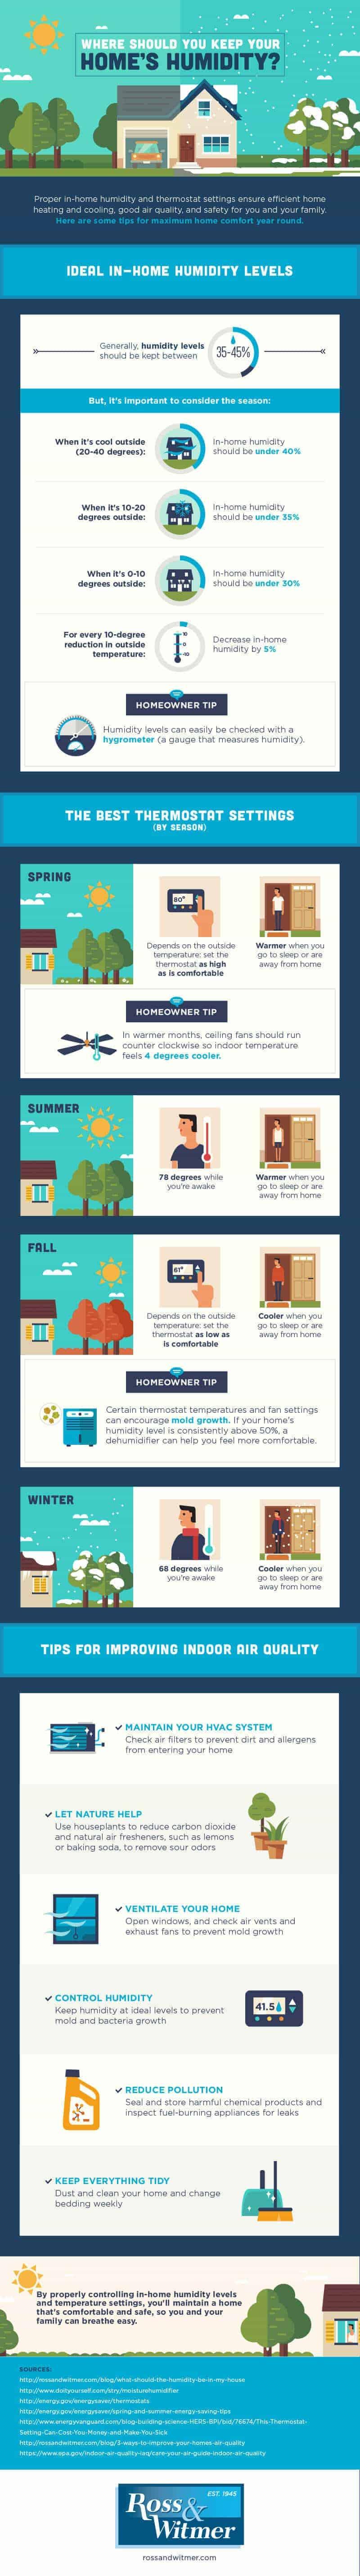 rosswitmer-homehumidity-infographic-1